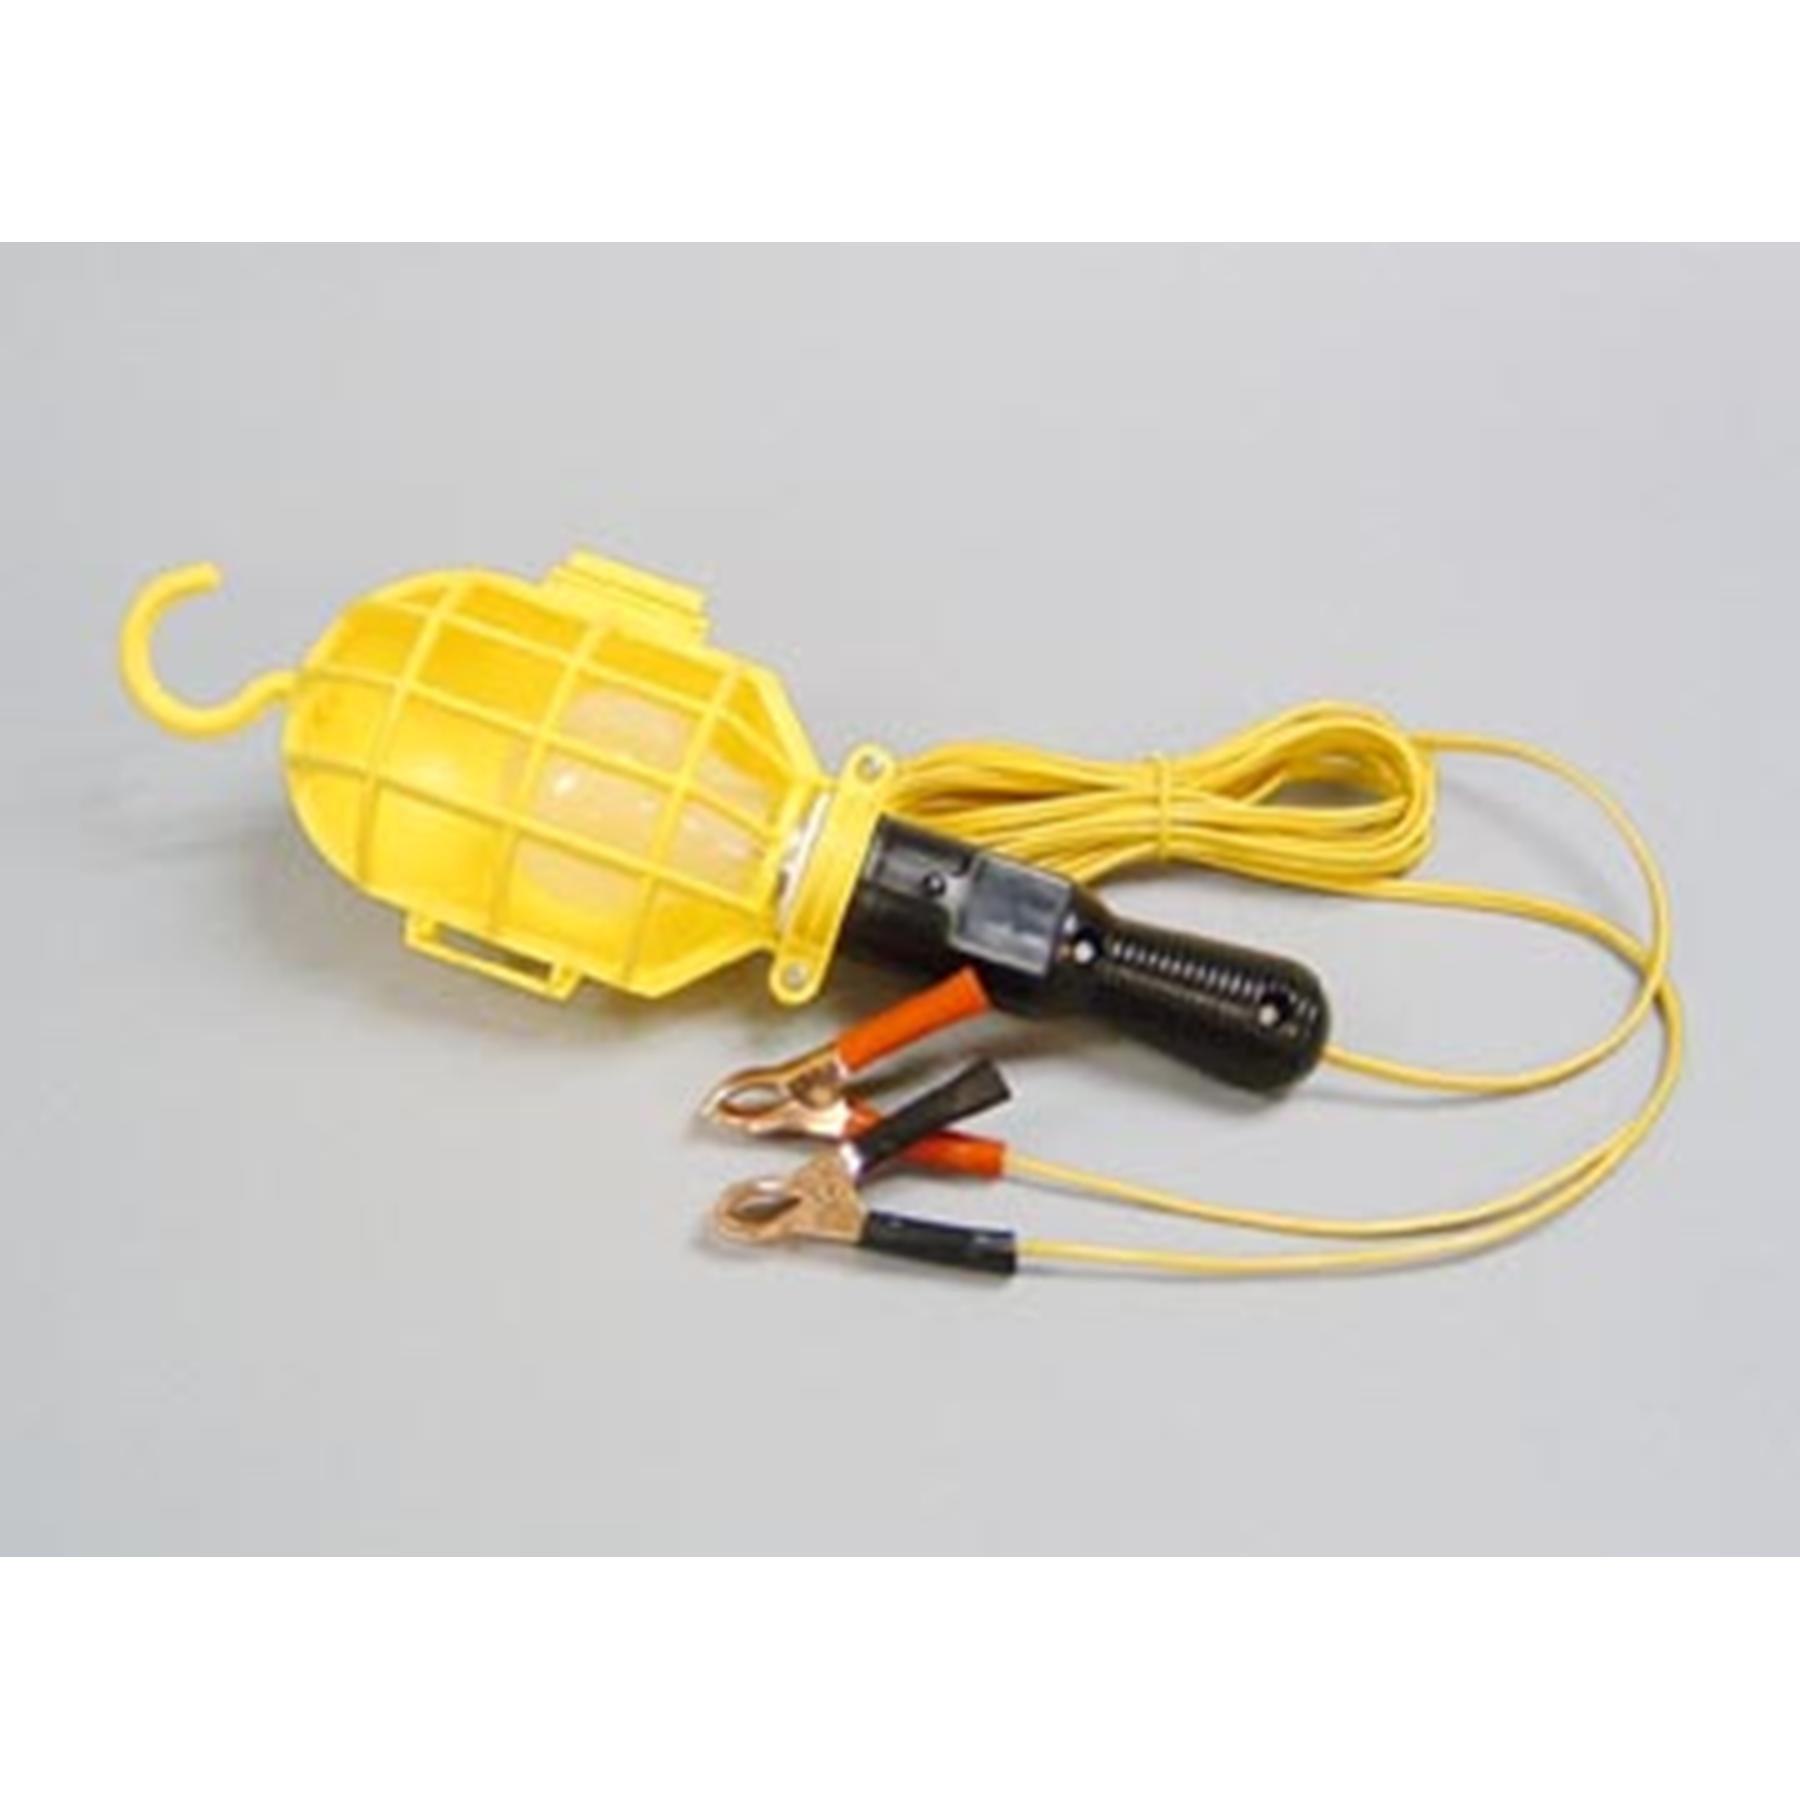 Incandescent 12 Volt DC Trouble Work Automotive Light BL-15 12 Volt DC Bulb Incl